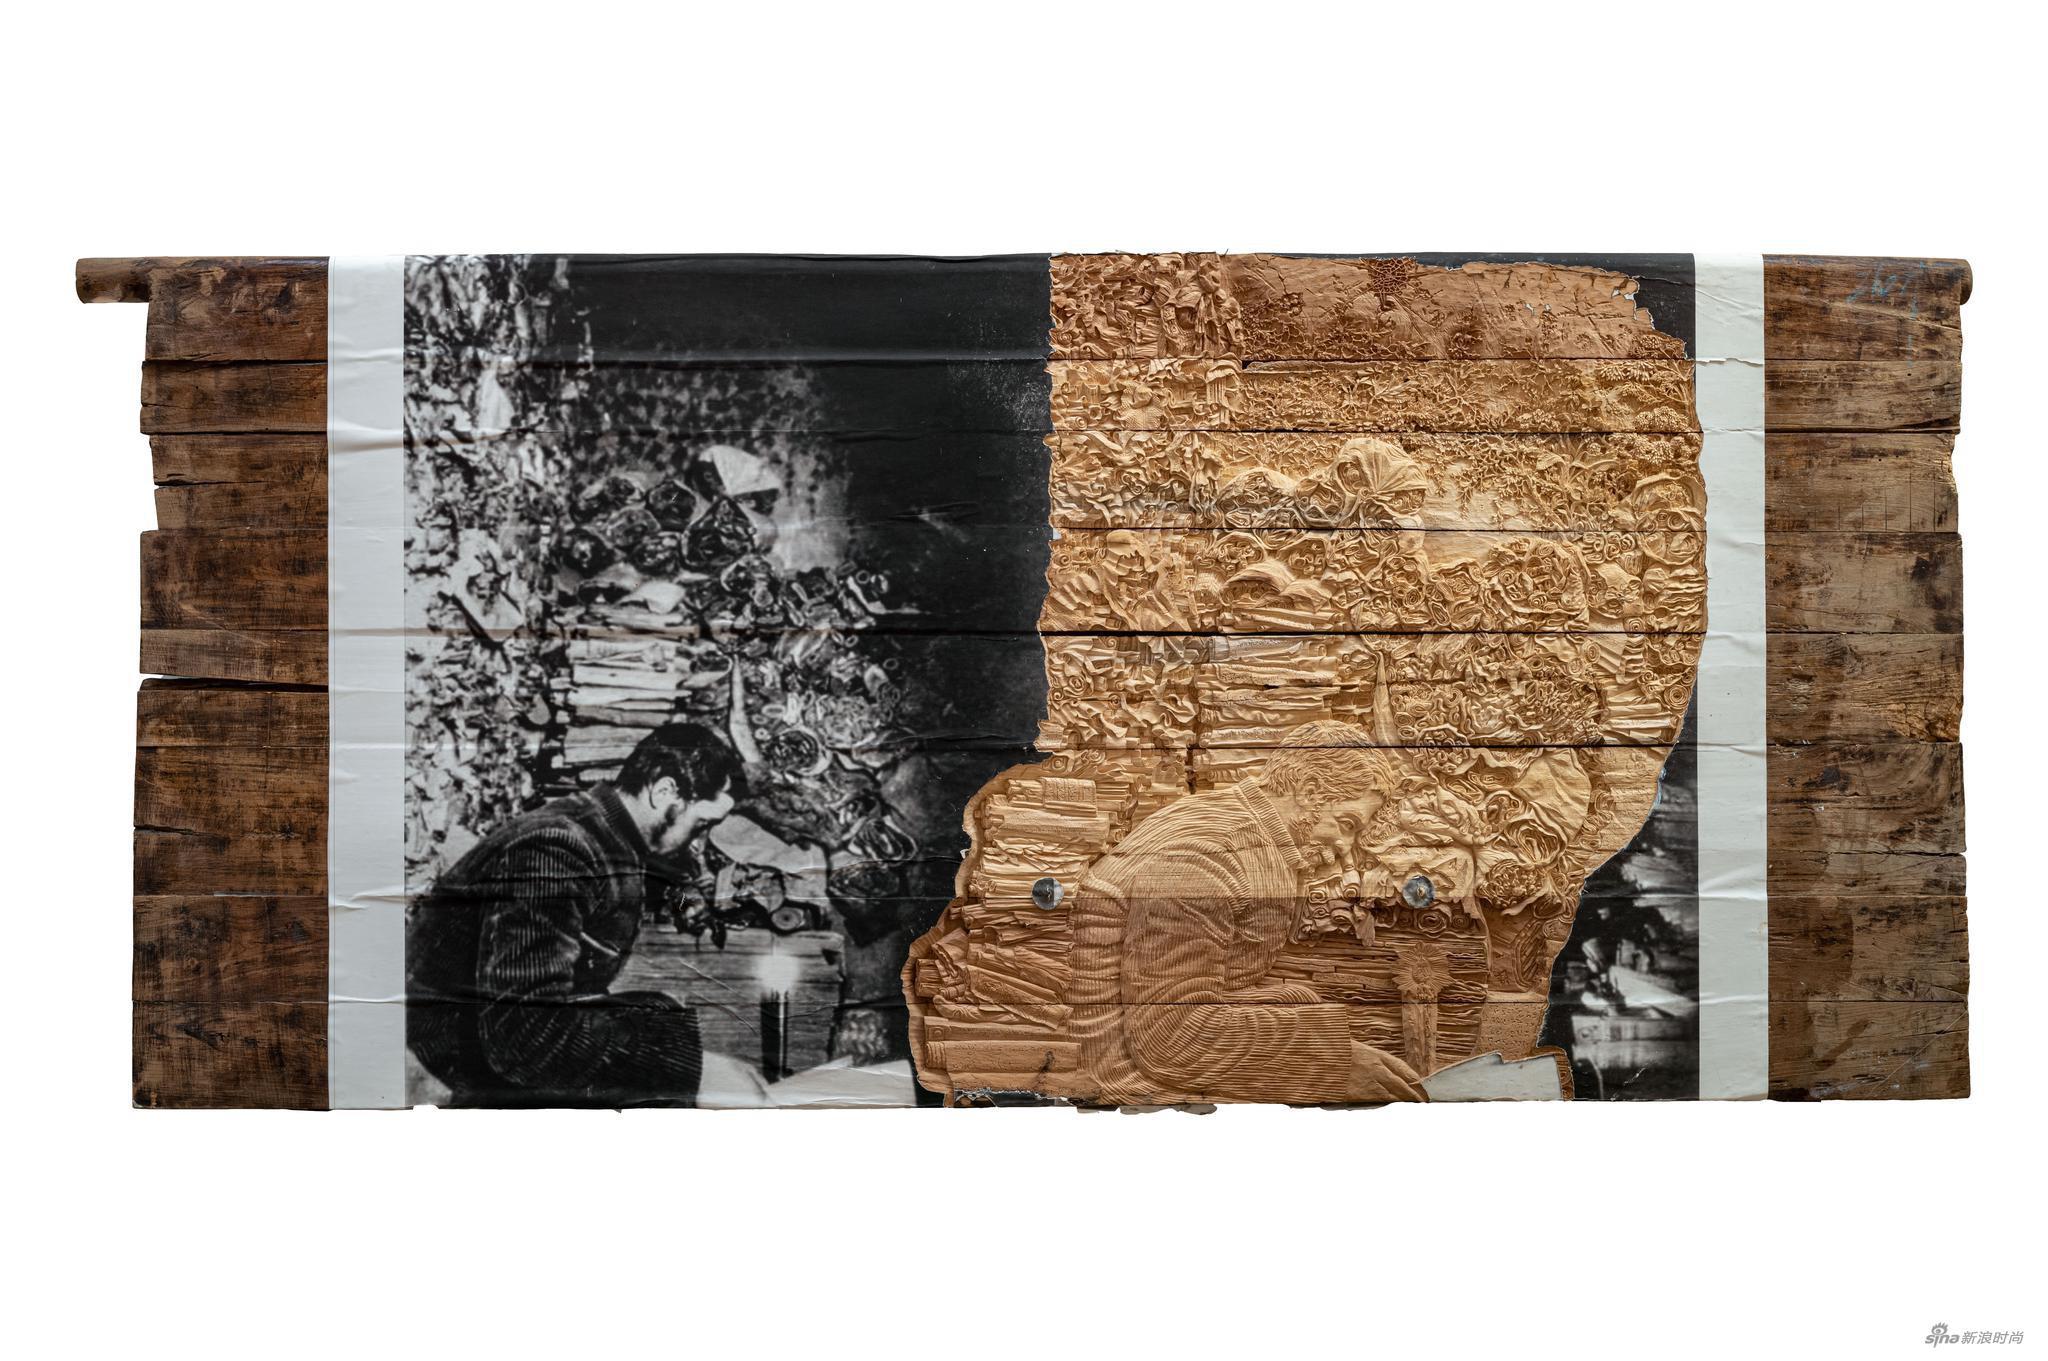 张洹,我的冬宫4号, 2019, 木刻浮雕, 274 x 123 x 15 cm;08 x 48 x 6 in, 105 kg